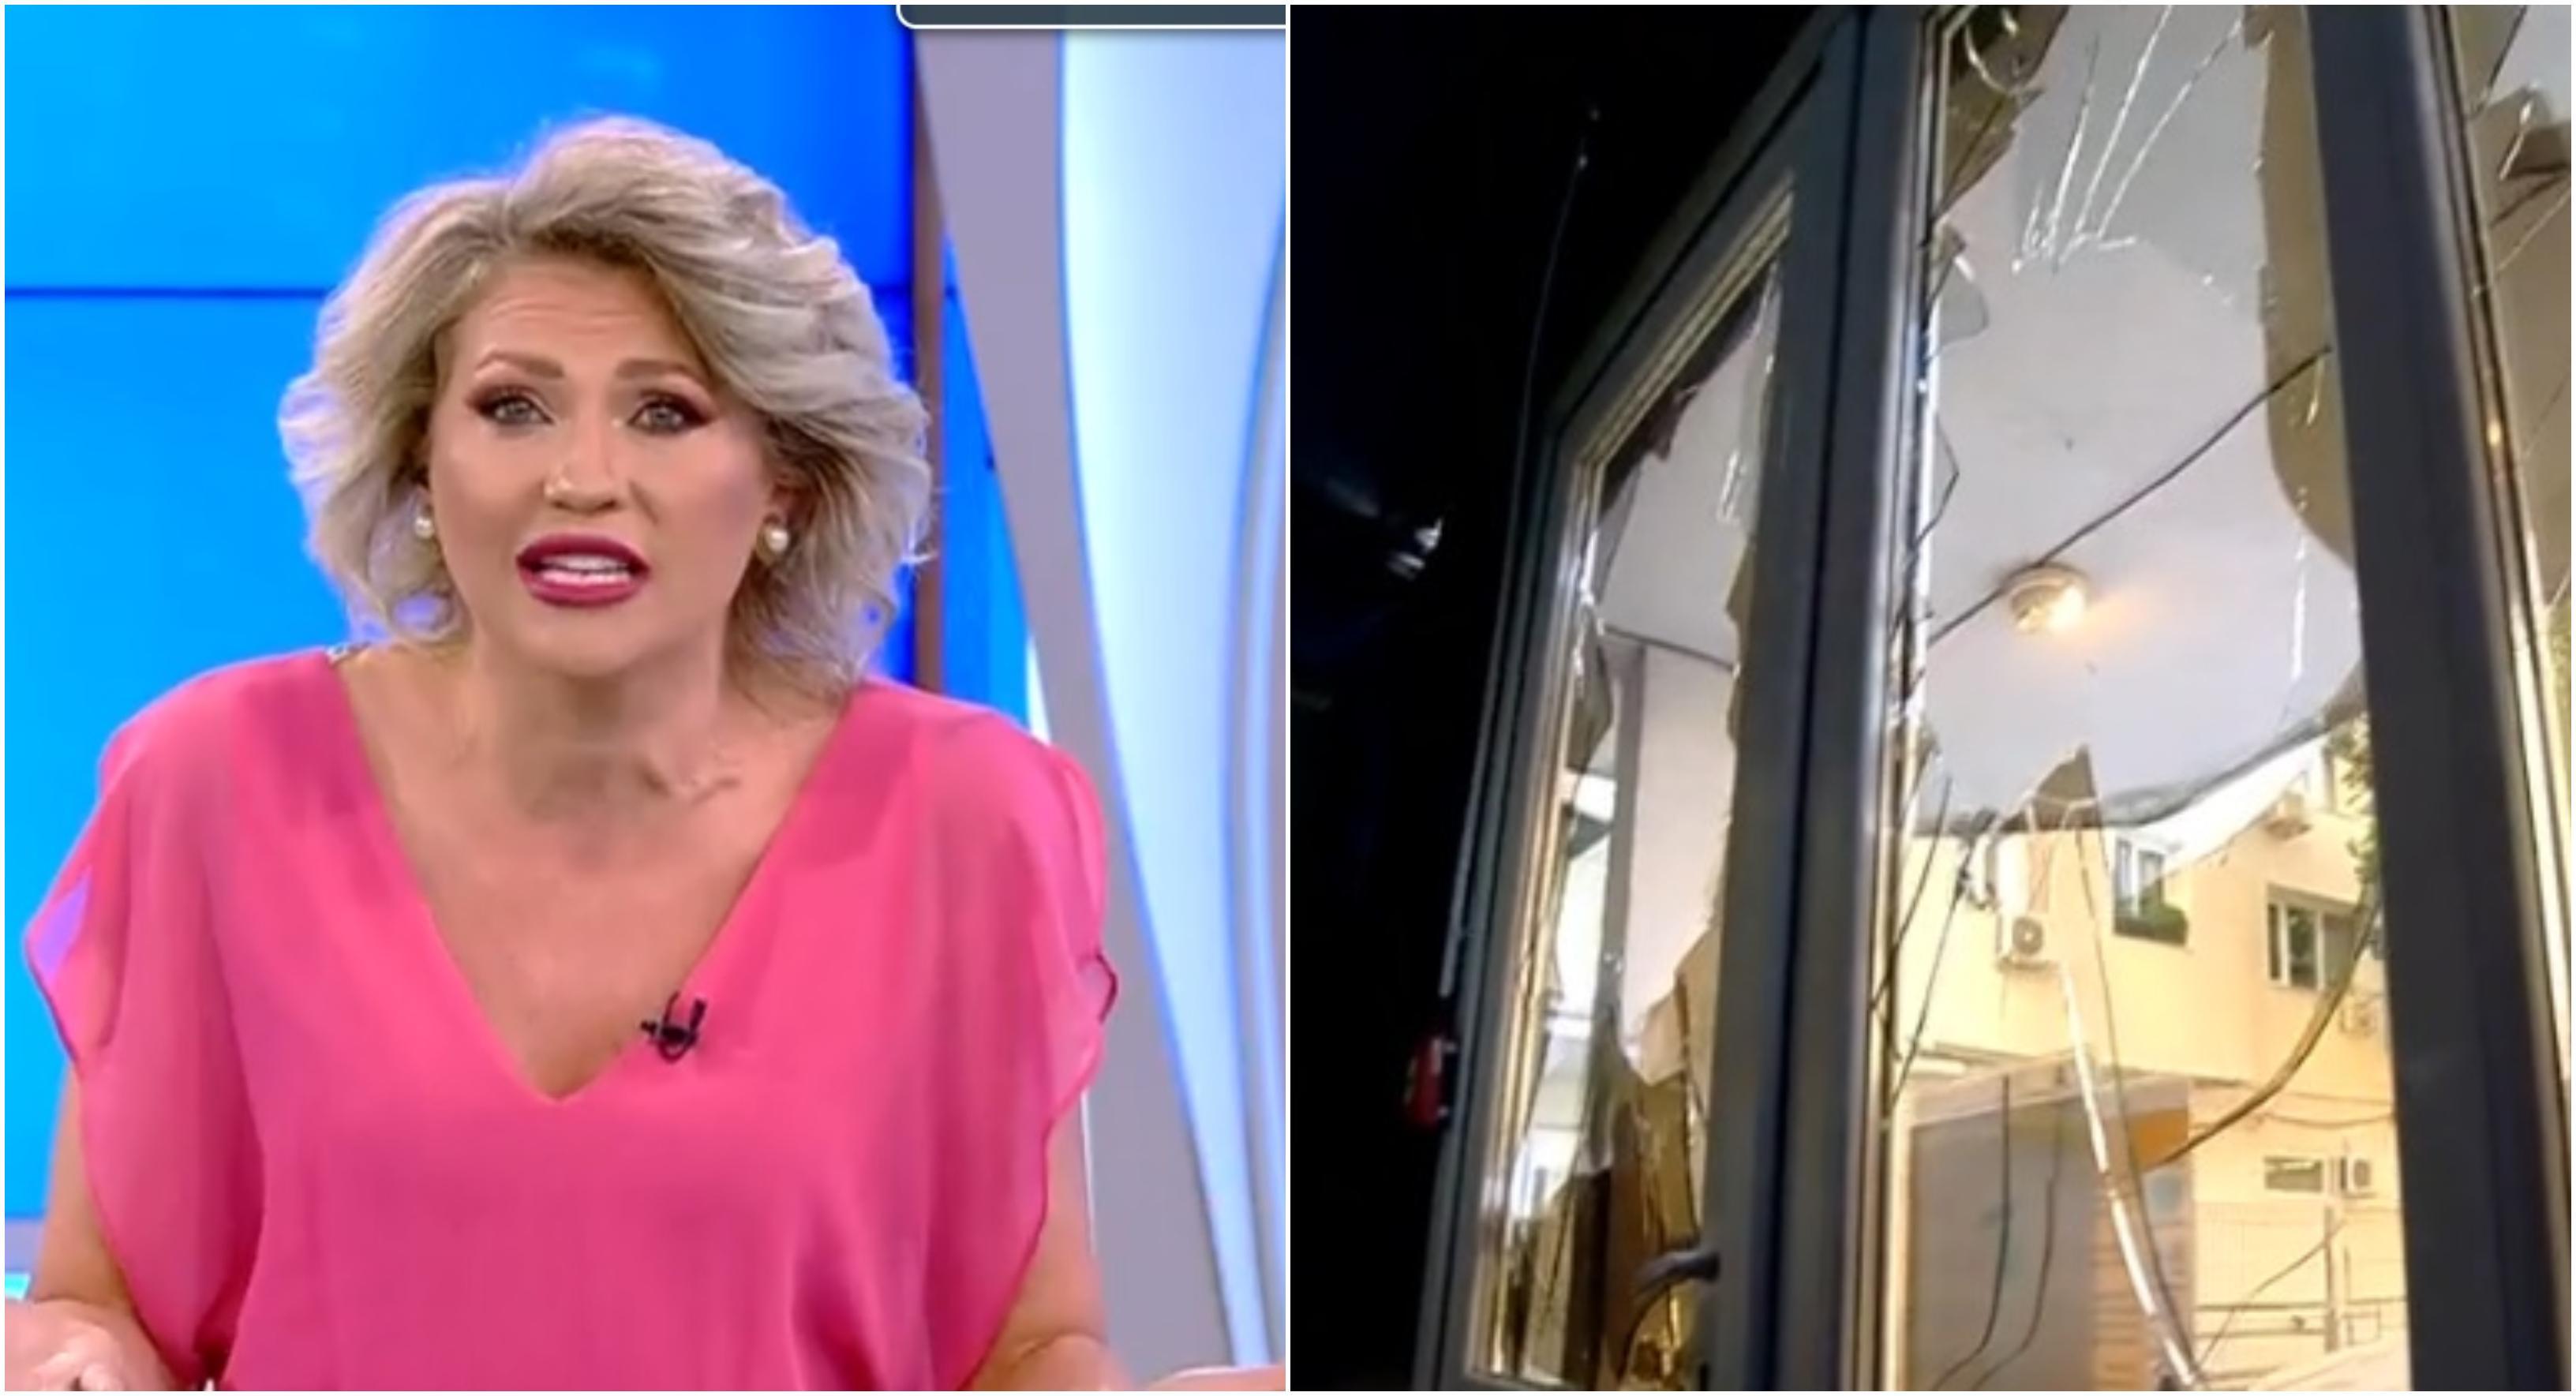 Atac la echipa Acces Direct. Femeia dezbrăcată cu pietroiul a revenit, Mirela Vaida, în lacrimi. Sediul are geamurile sparte